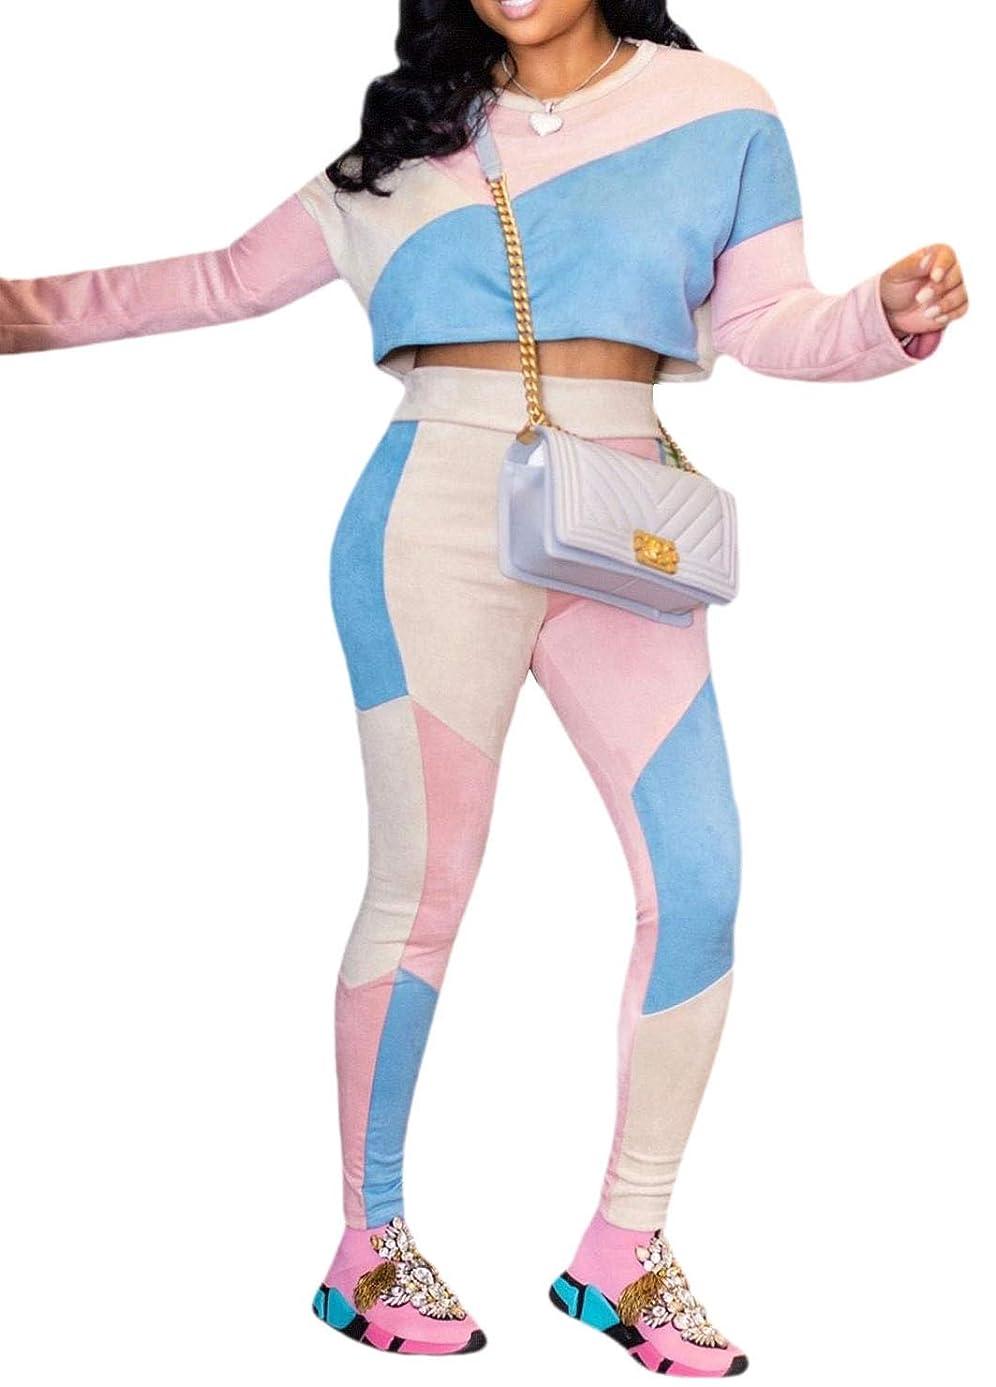 スタウト剥ぎ取る不安Women's Western Plaid Two Pieces Outfits Fashion Long Jumpsuits Jumpsuits